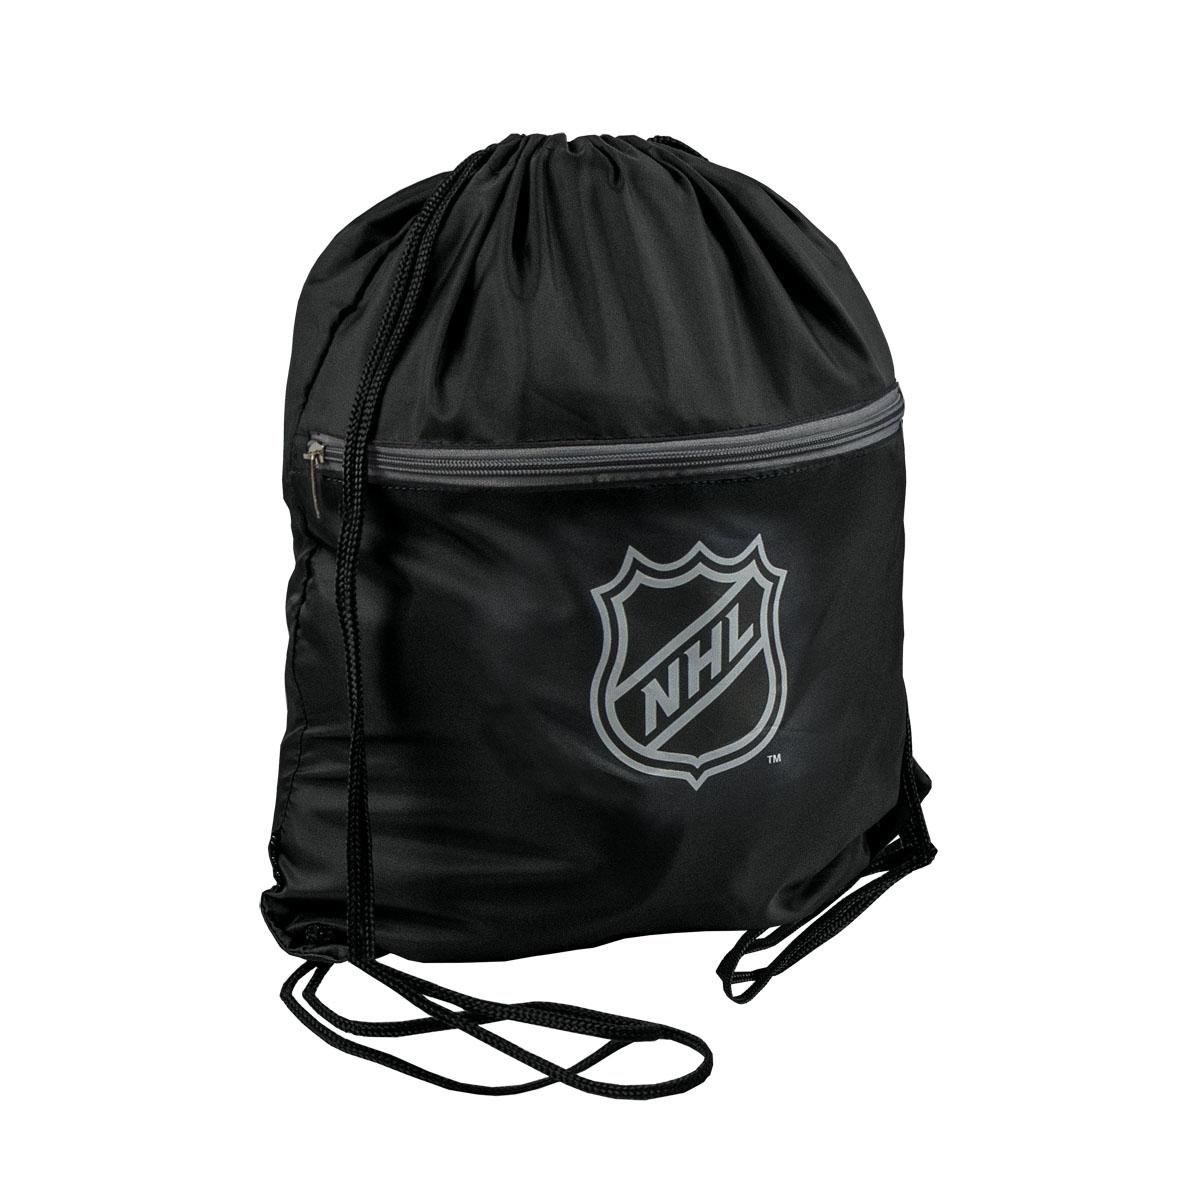 Мешок на шнурке NHL, цвет: черный, 15 л